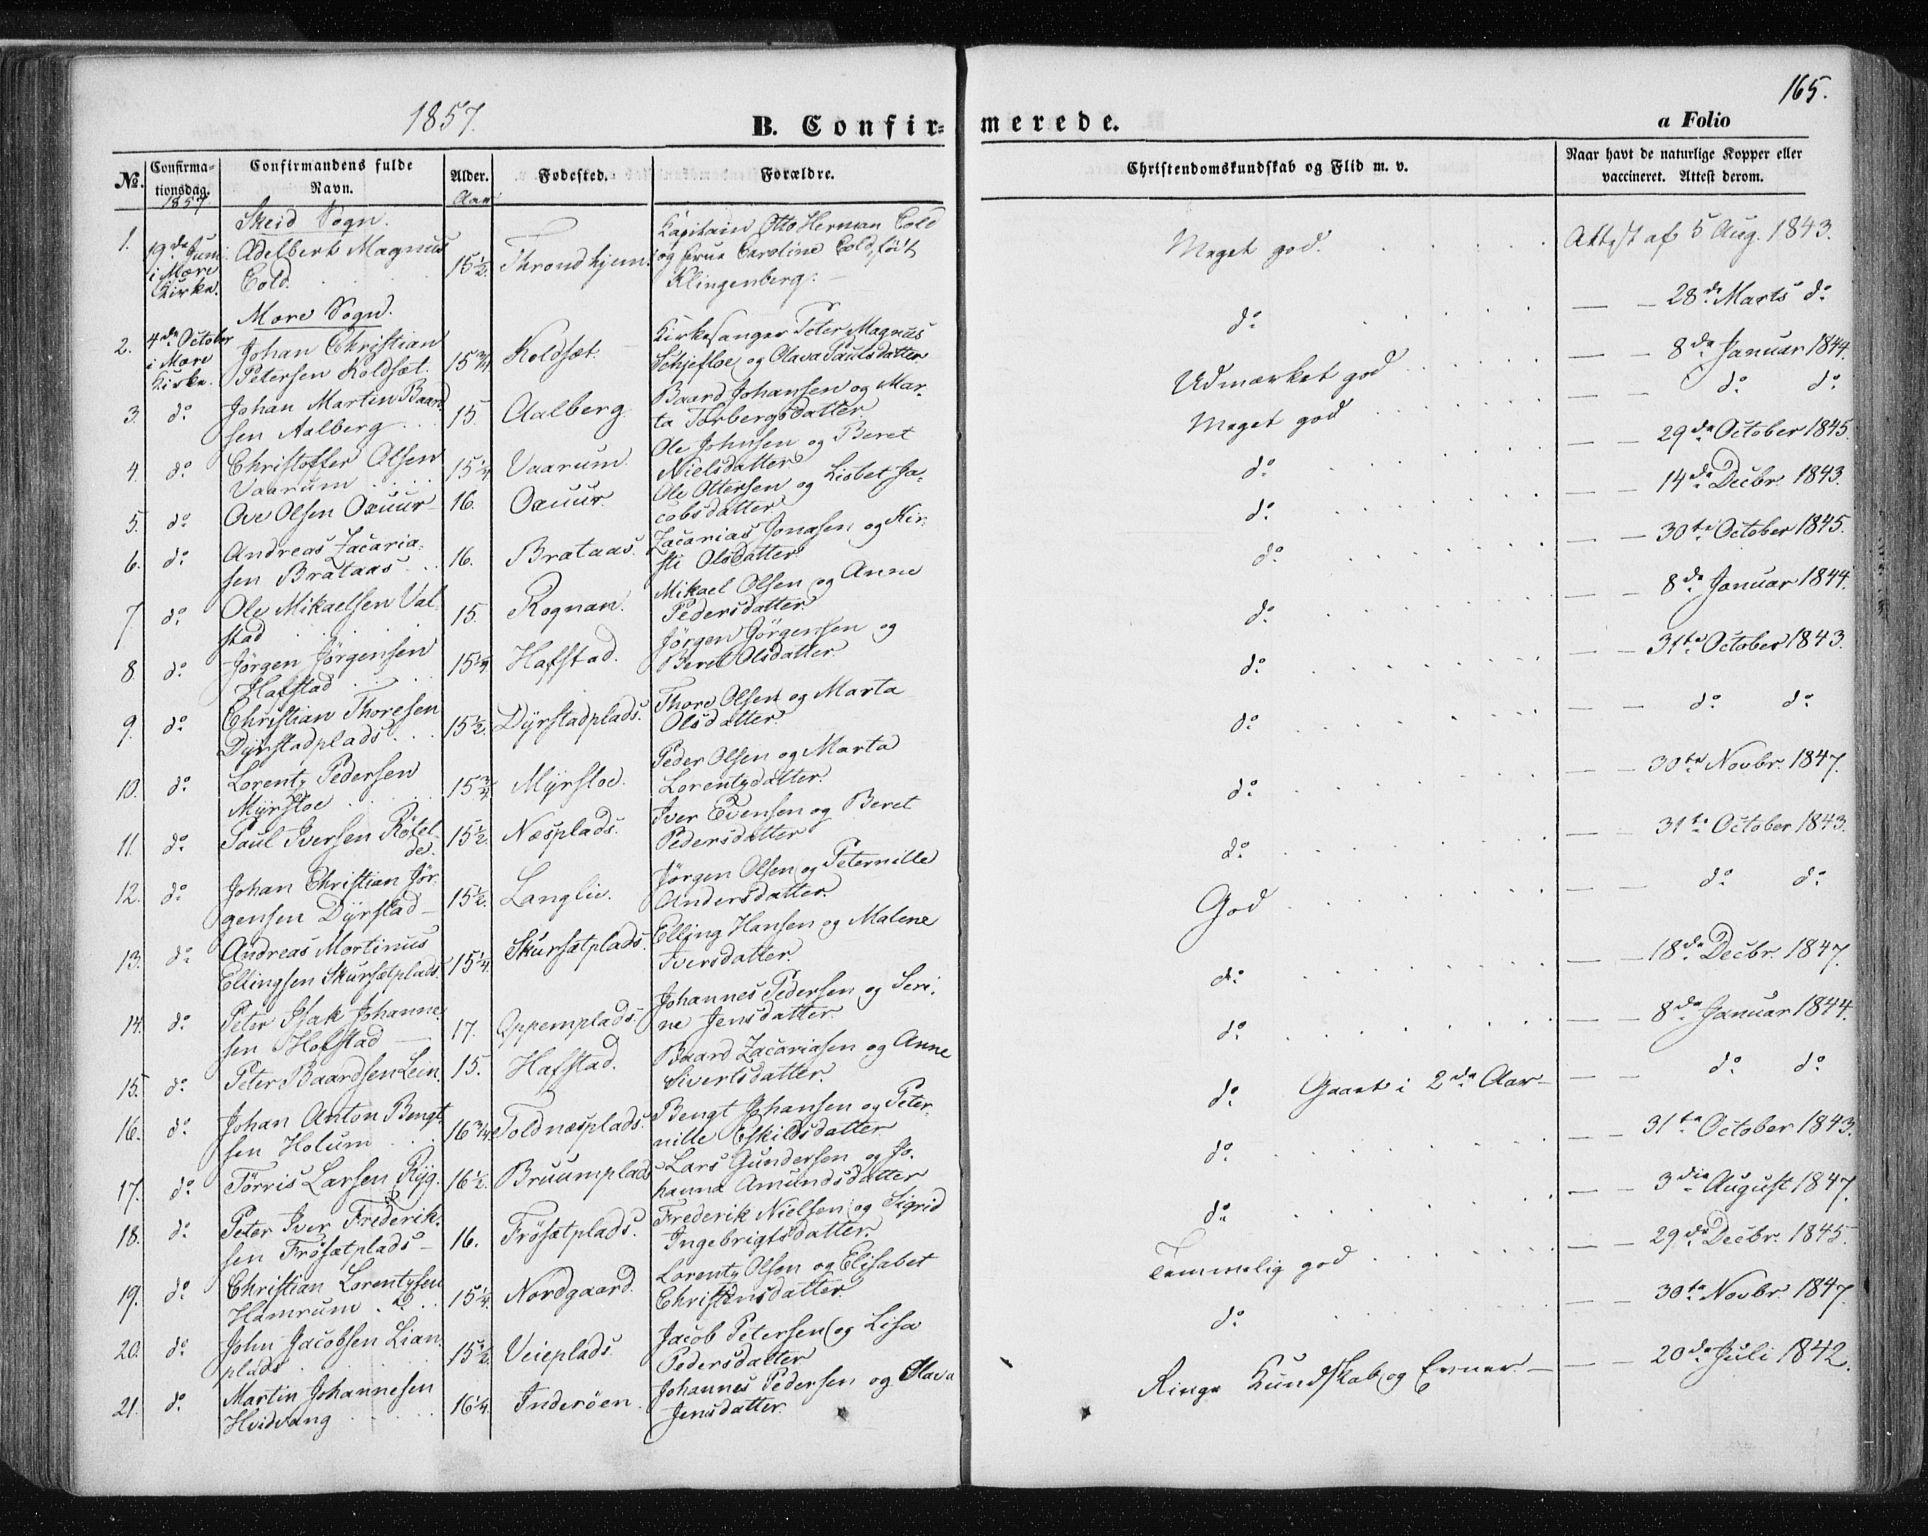 SAT, Ministerialprotokoller, klokkerbøker og fødselsregistre - Nord-Trøndelag, 735/L0342: Ministerialbok nr. 735A07 /1, 1849-1862, s. 165